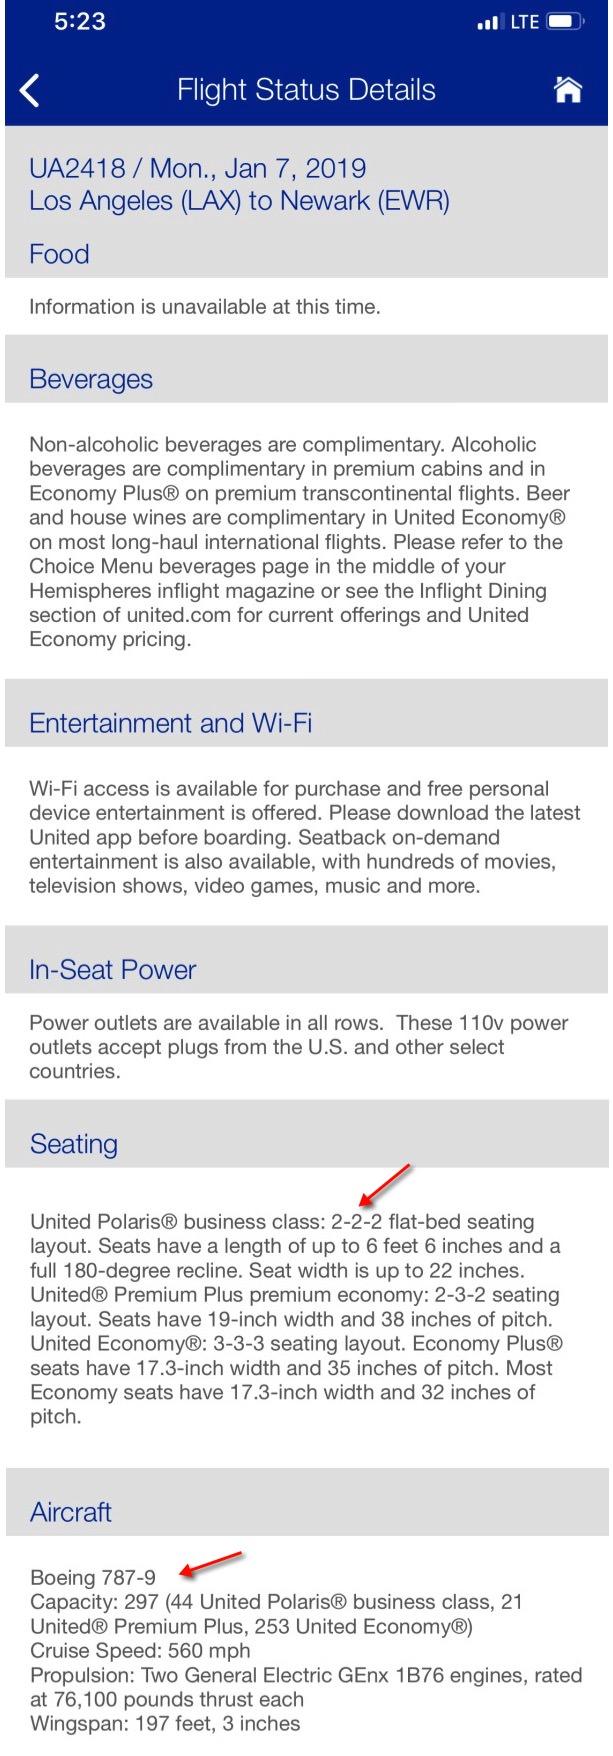 UA2418 App Details.jpg